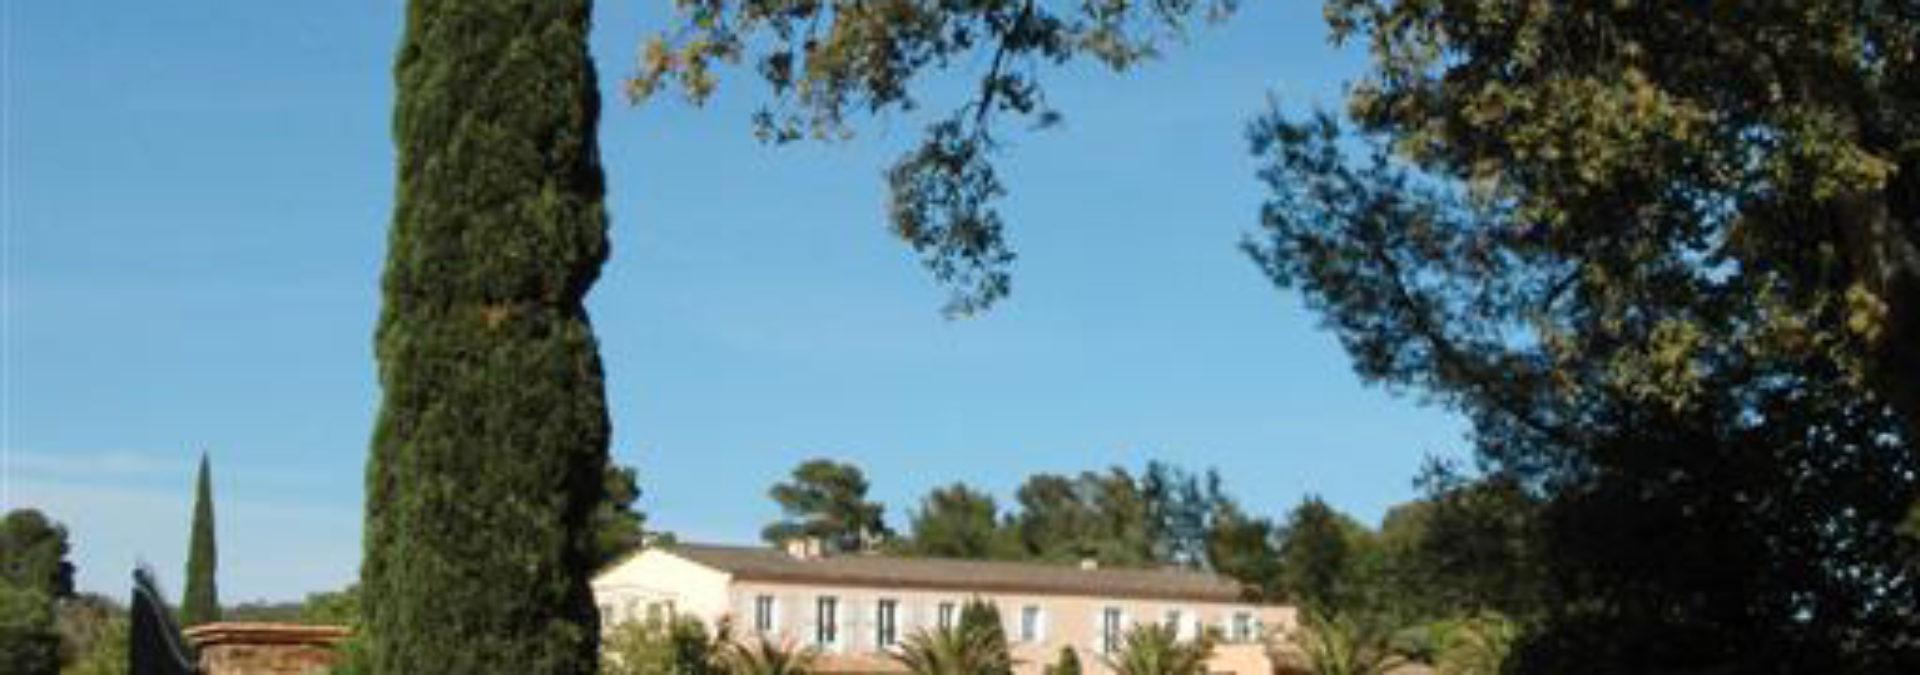 Domaine de La Sanglière